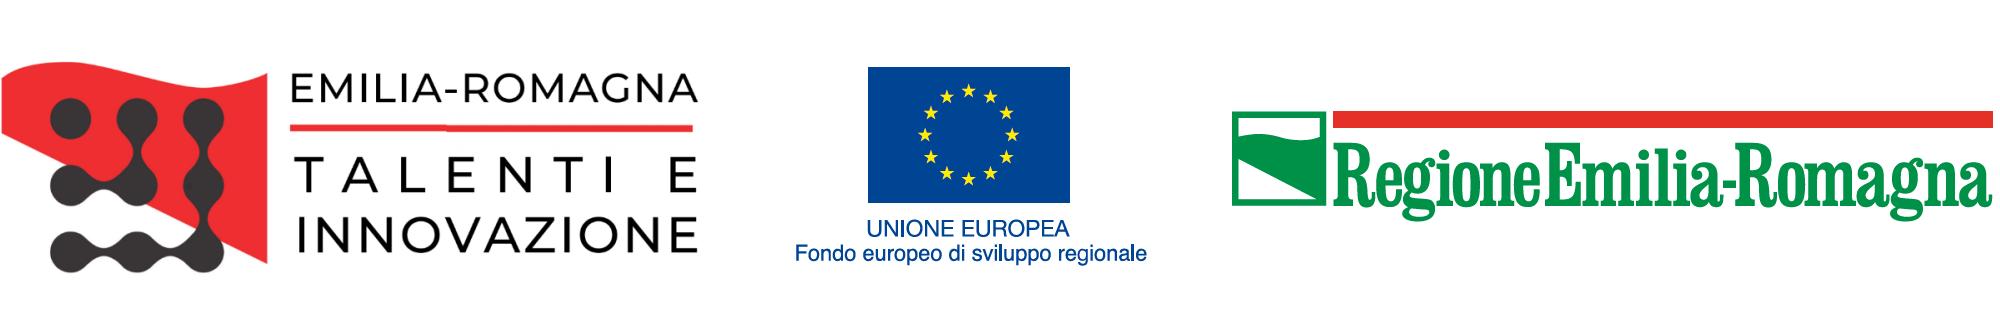 Emilia Romagna Talenti | Studio, formazione e lavoro verso l'innovazione